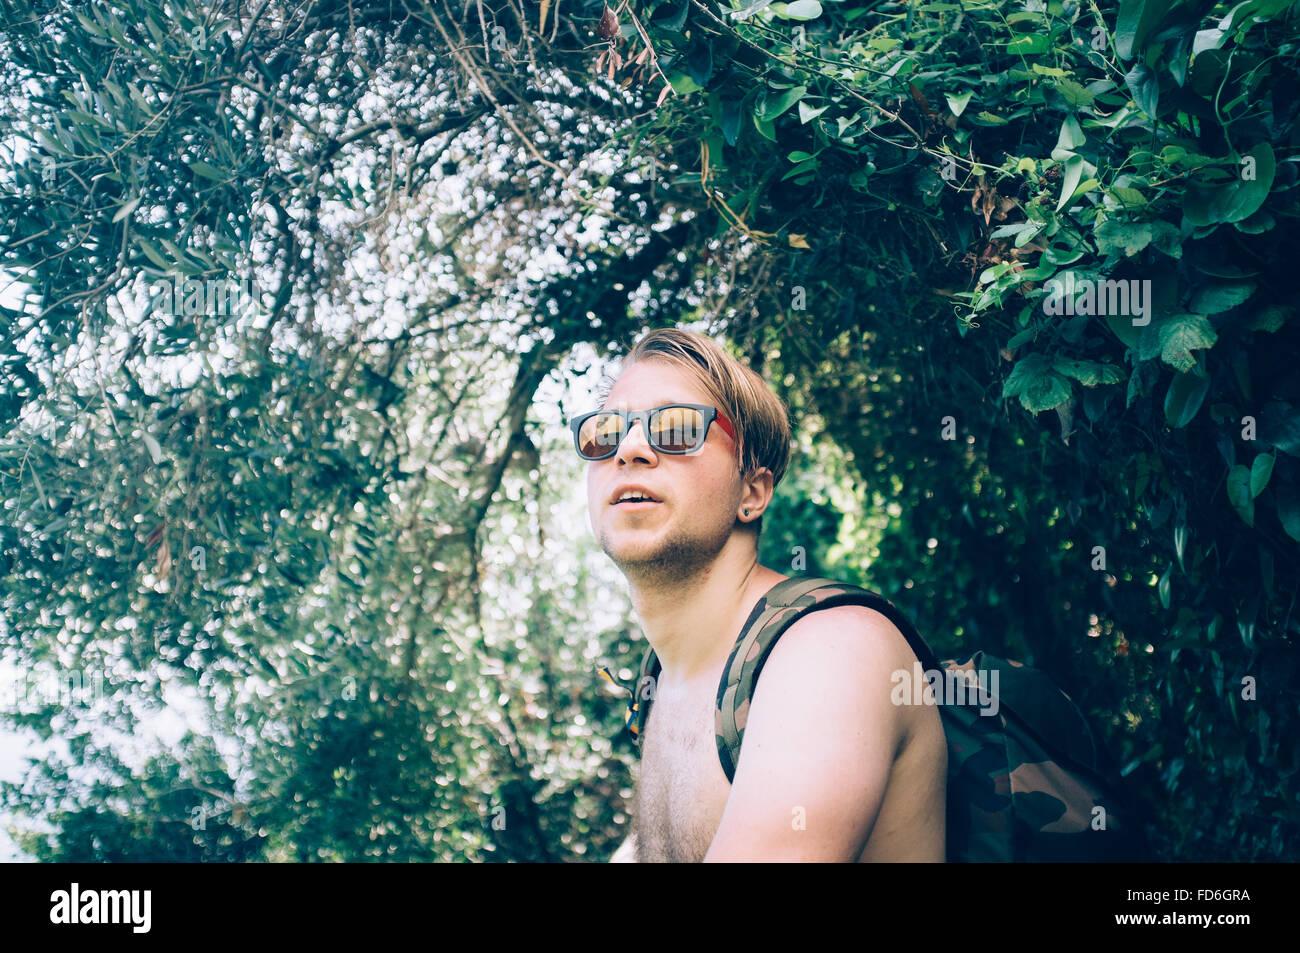 Portrait de jeune homme en vertu de l'arbre Photo Stock